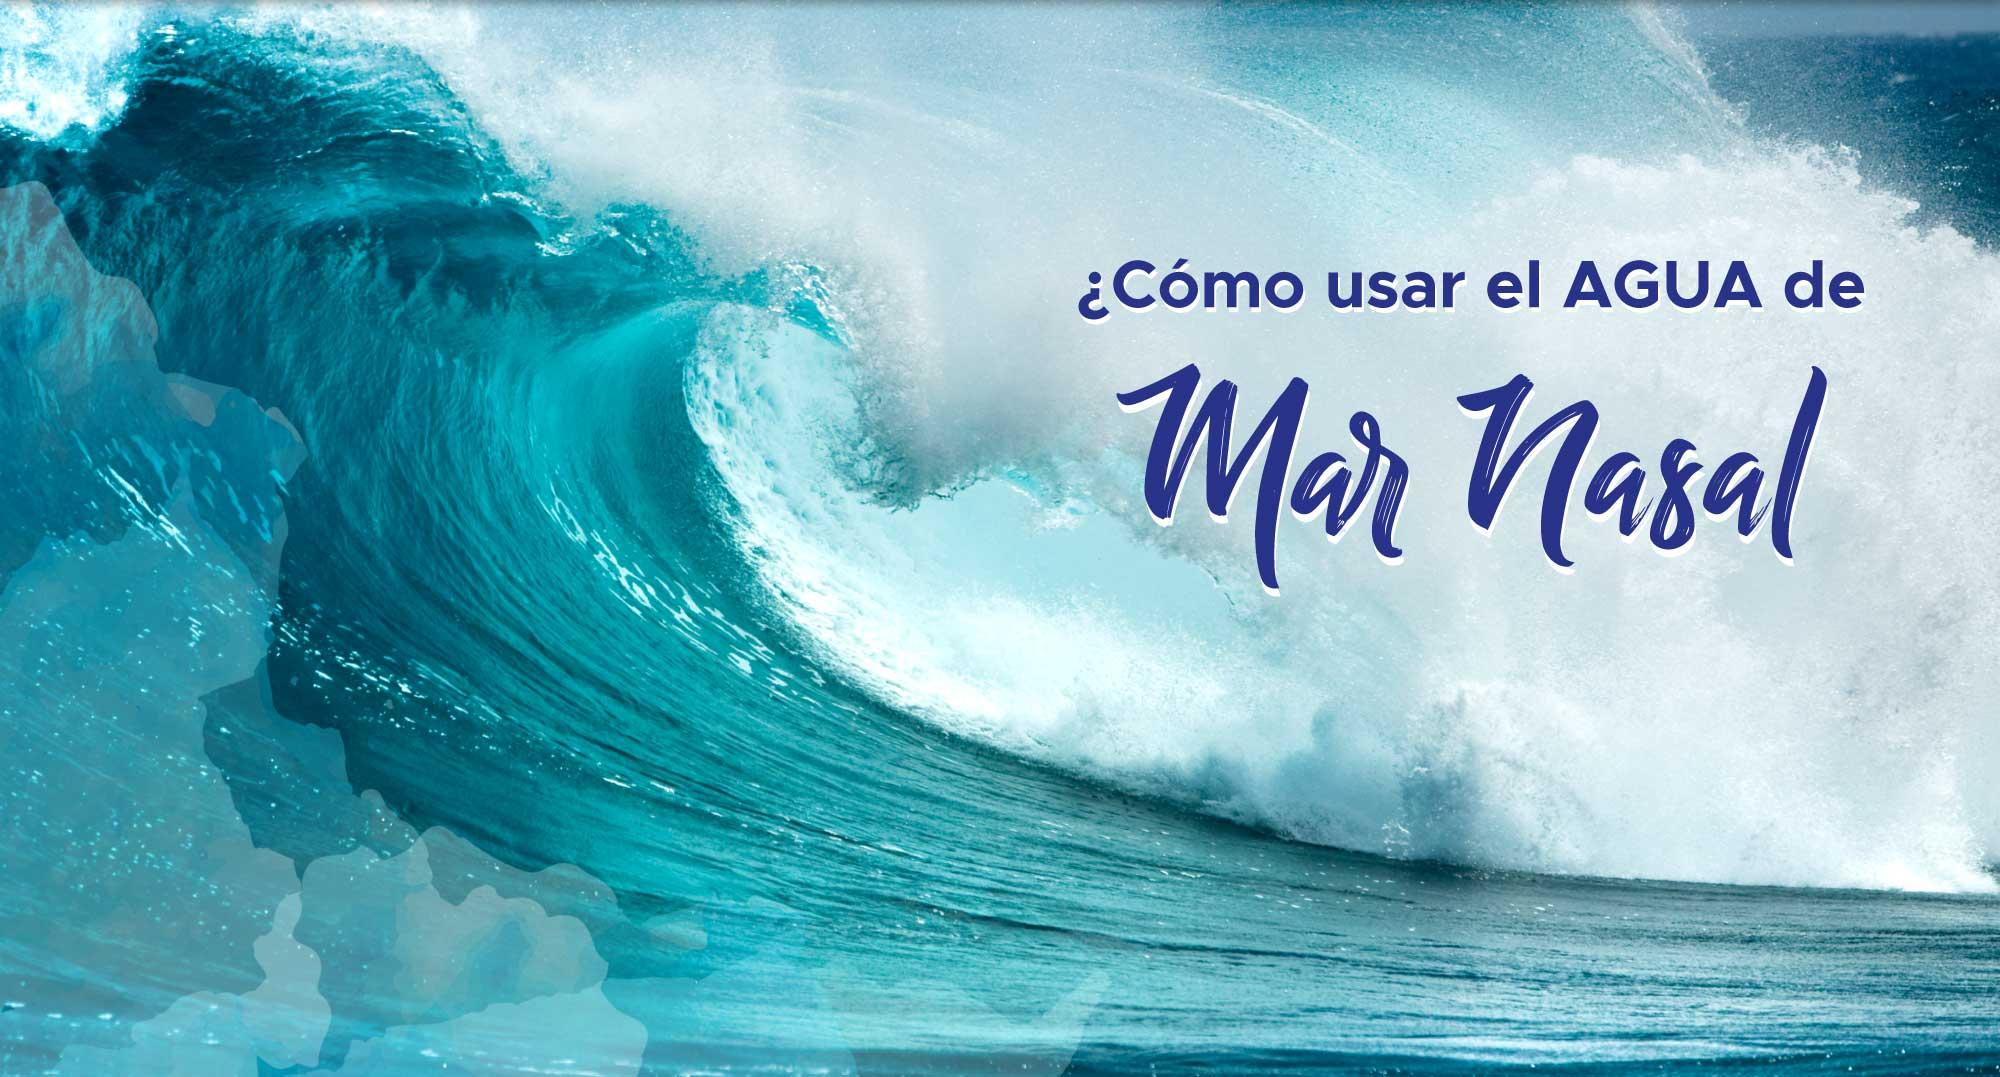 slide-como-usar-el-agua-de-mar-nasal